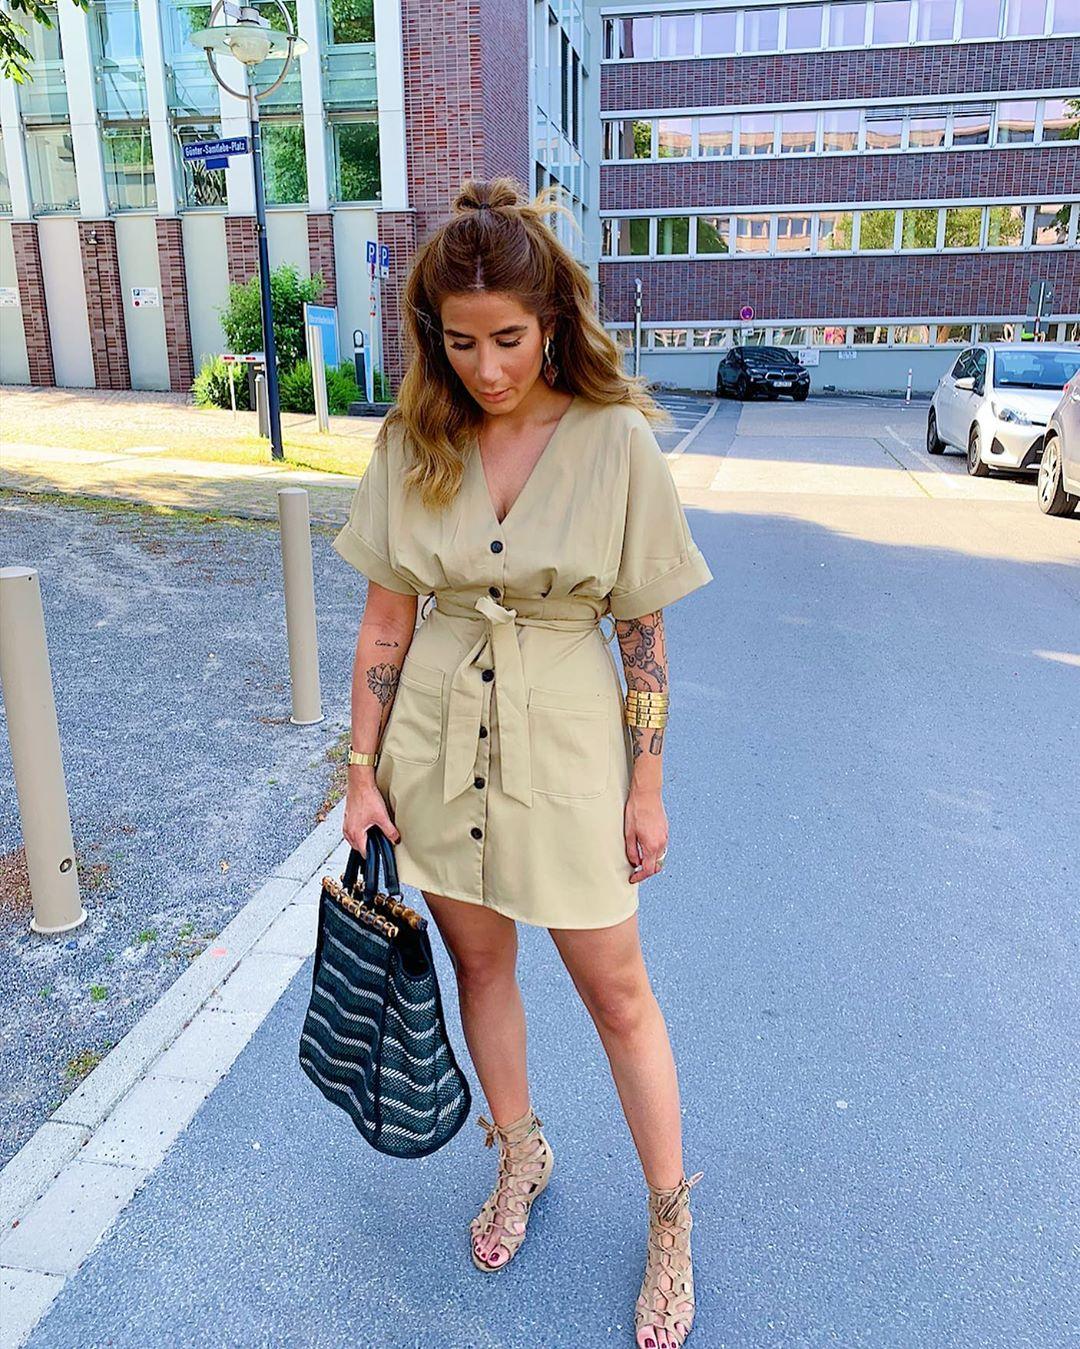 dress with buttons and pockets de Zara sur tataass_